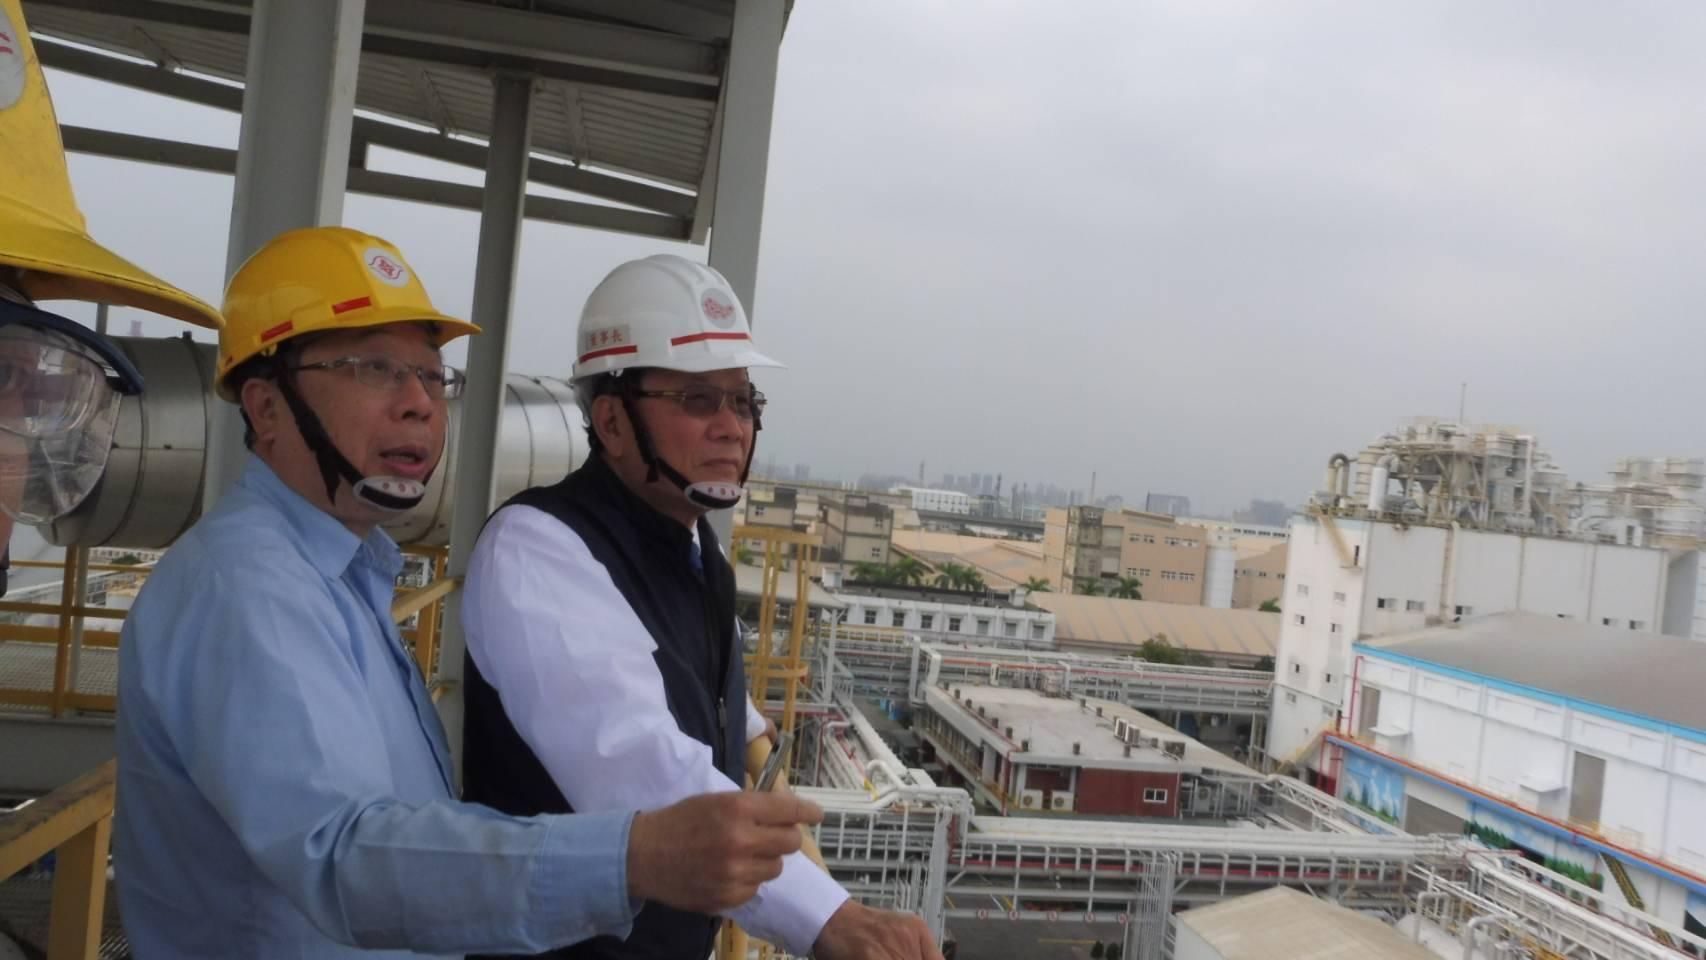 林健男學長(右)讓台塑企業在全球科技演變推進中,展現不一樣的格局與風貌。.jpg